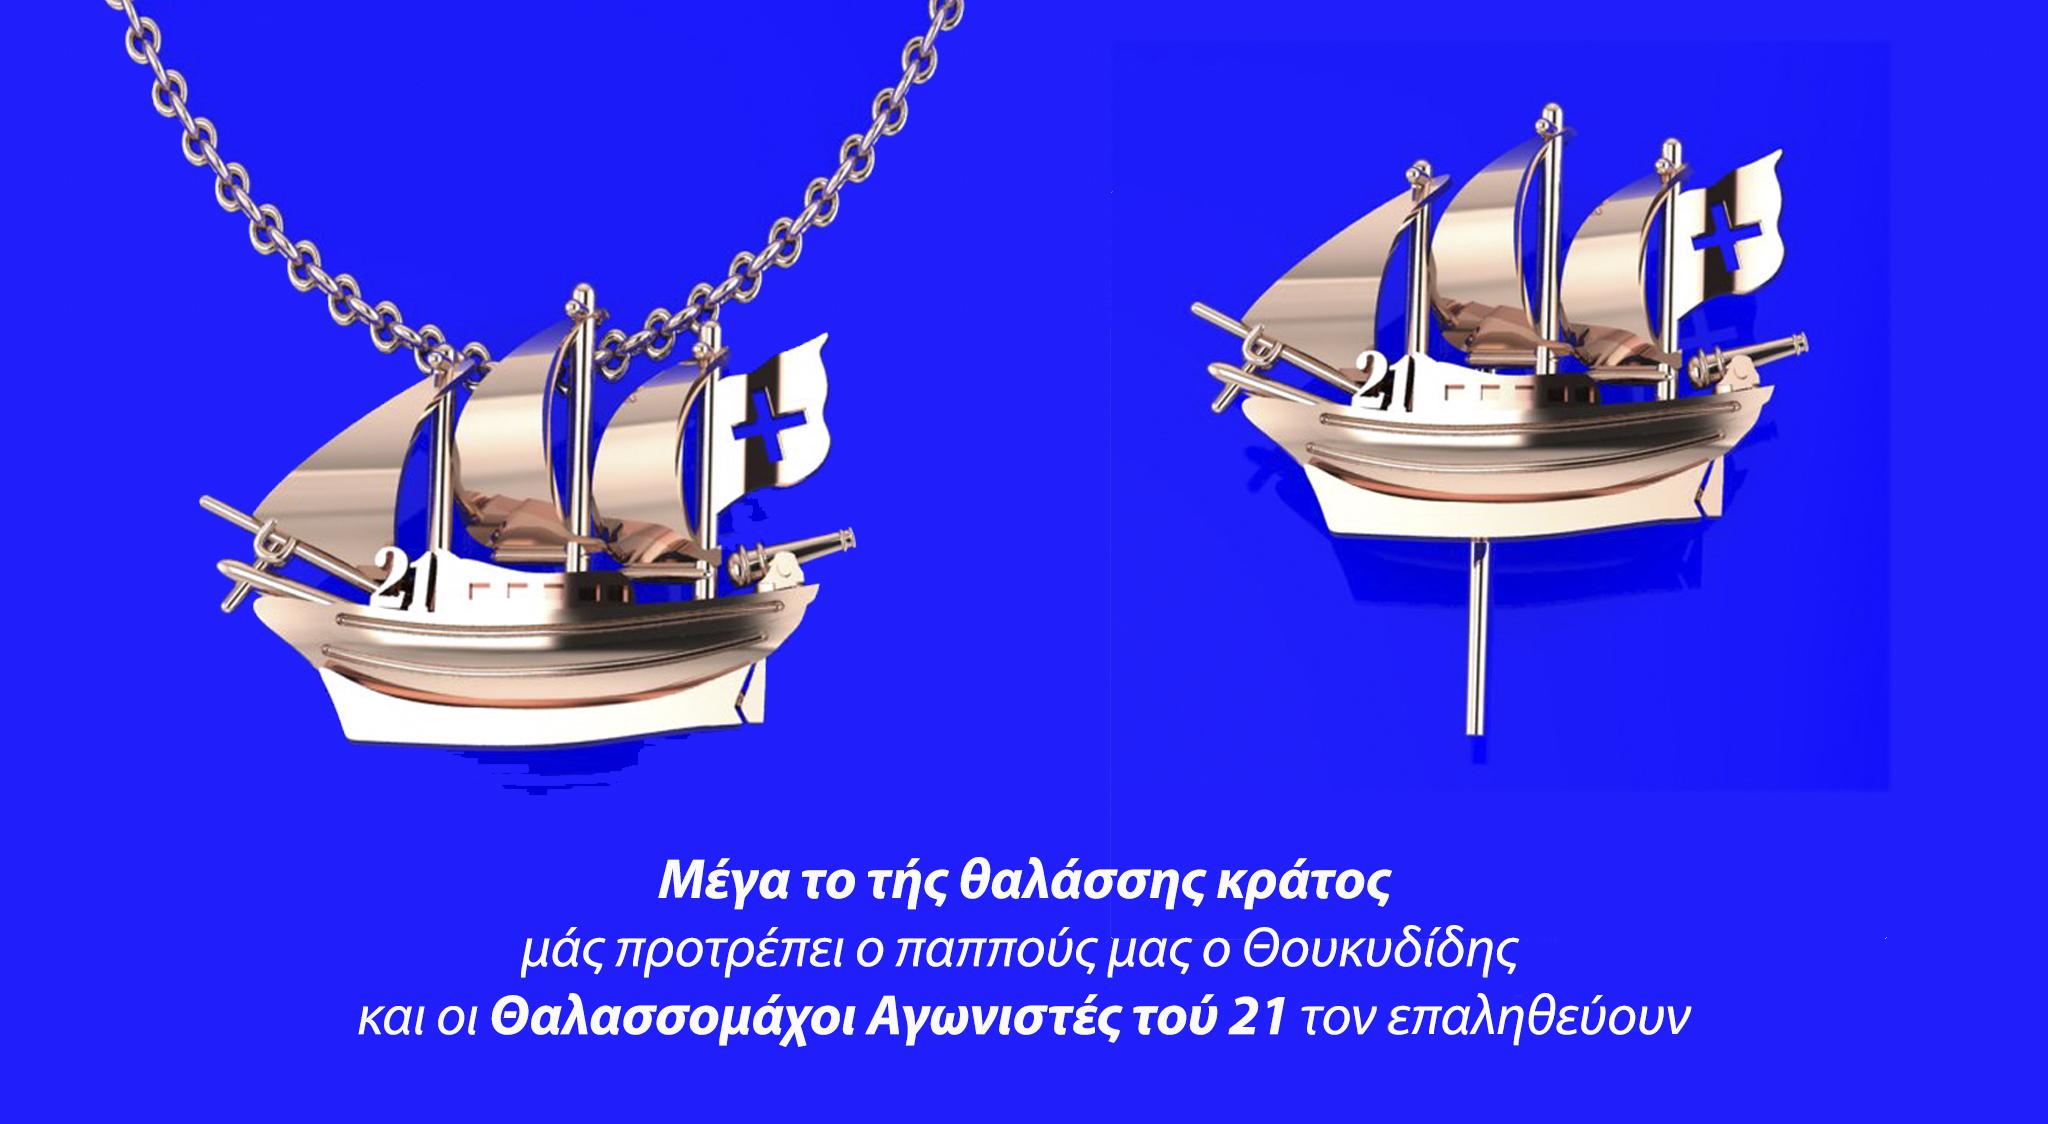 Ελλάδα 2021 - Επετειακά Κοσμήματα για τον Εορτασμό τής Ελληνικής Επανάστασης με το 21 Θαλασσομάχο